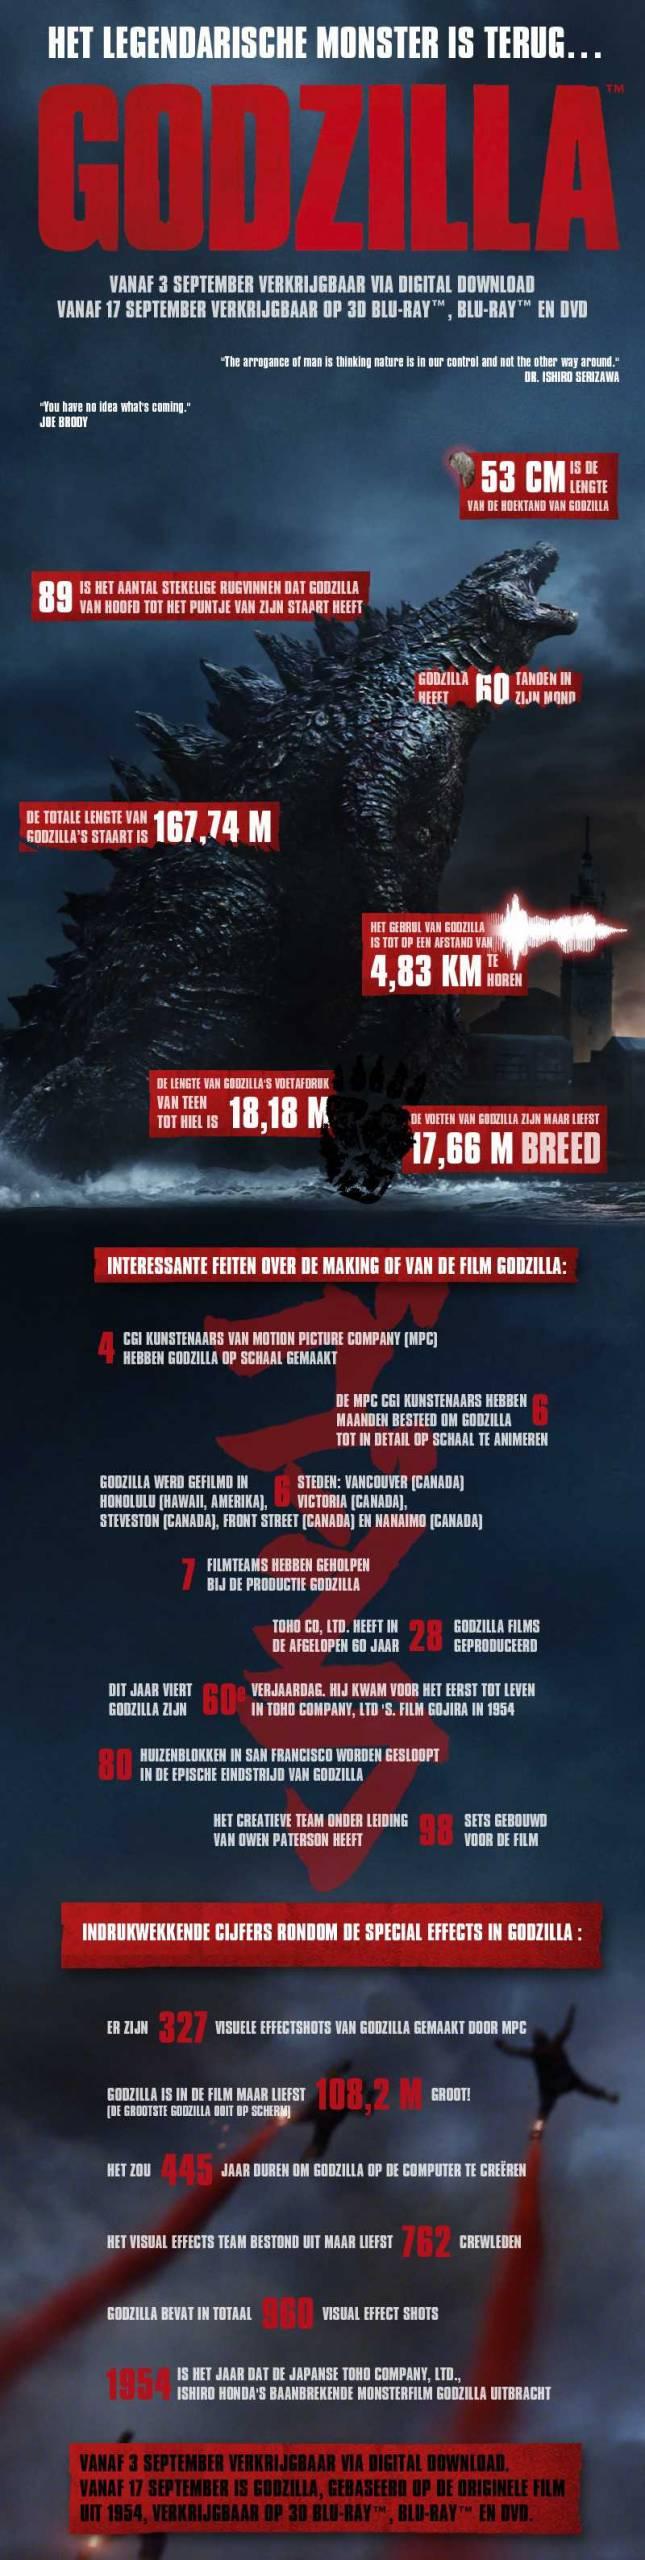 Infographic Godzilla